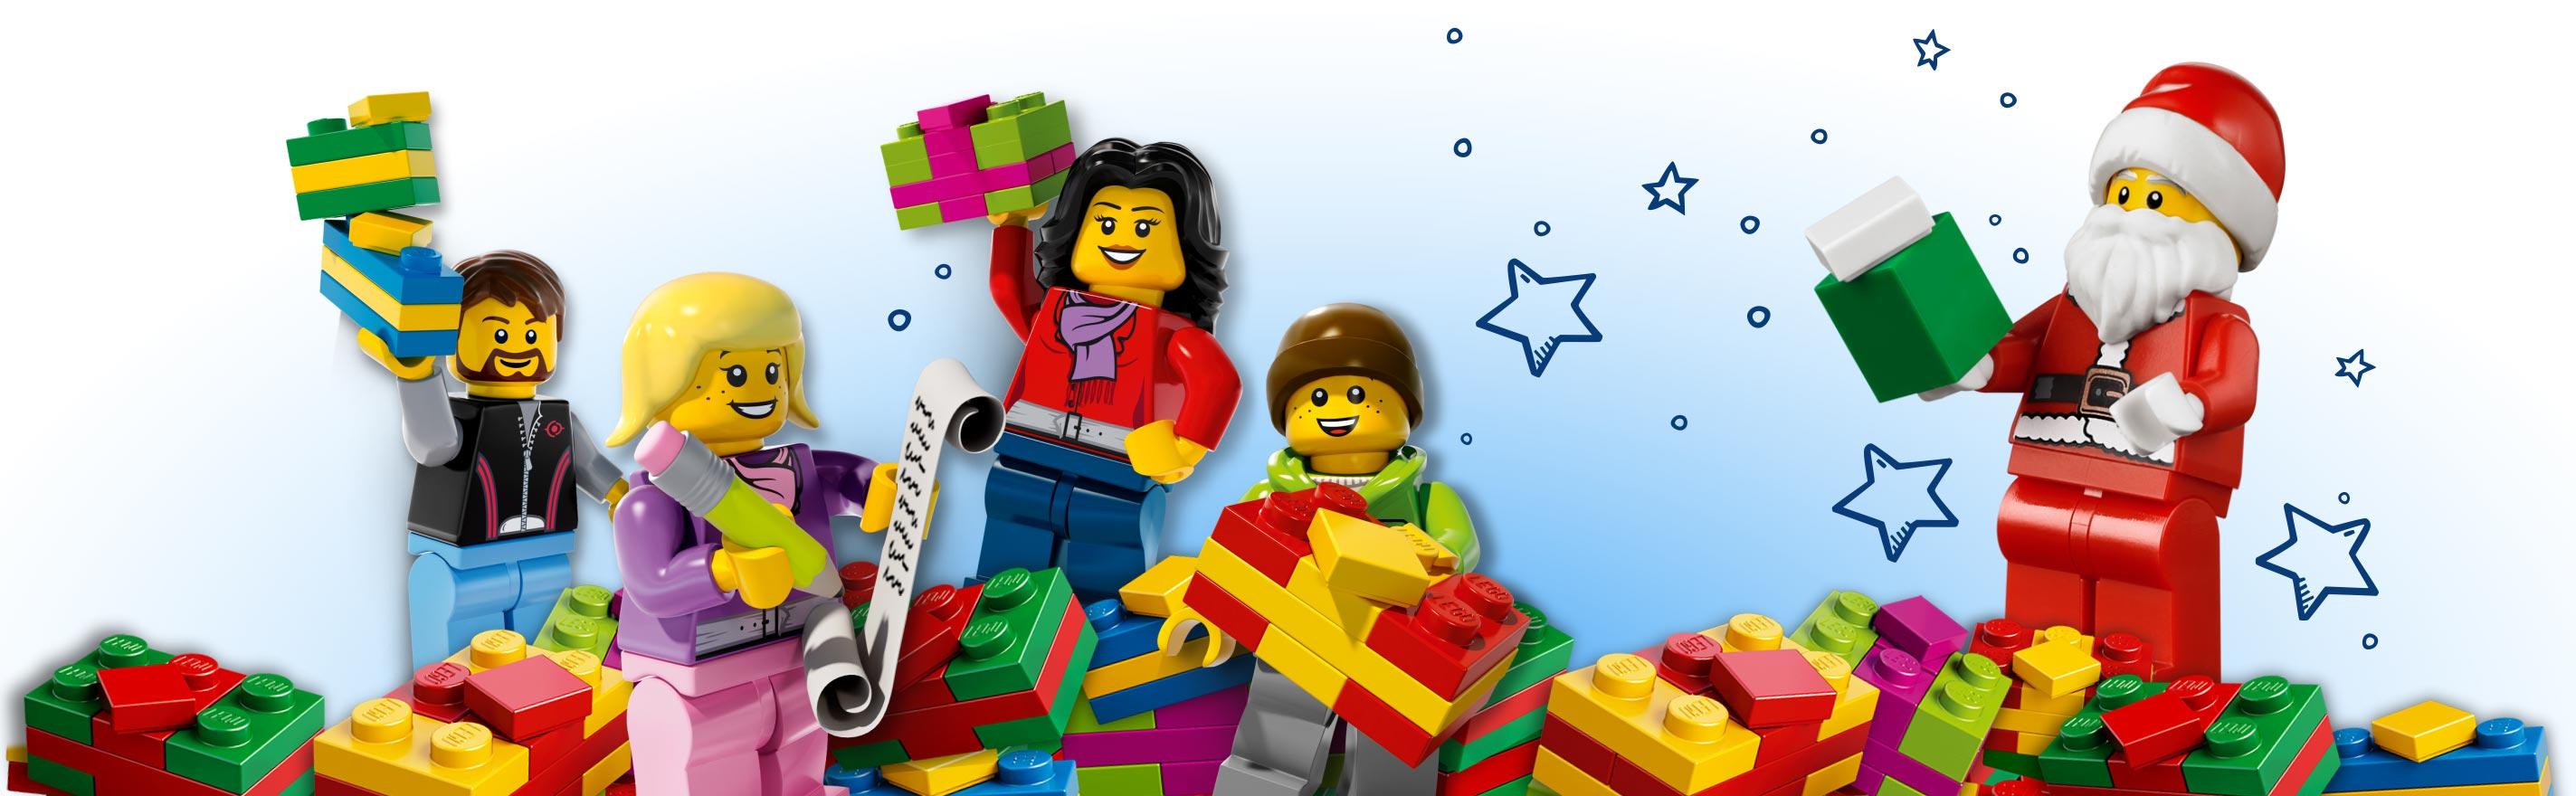 Novogodišnji paketići LEGO kocke